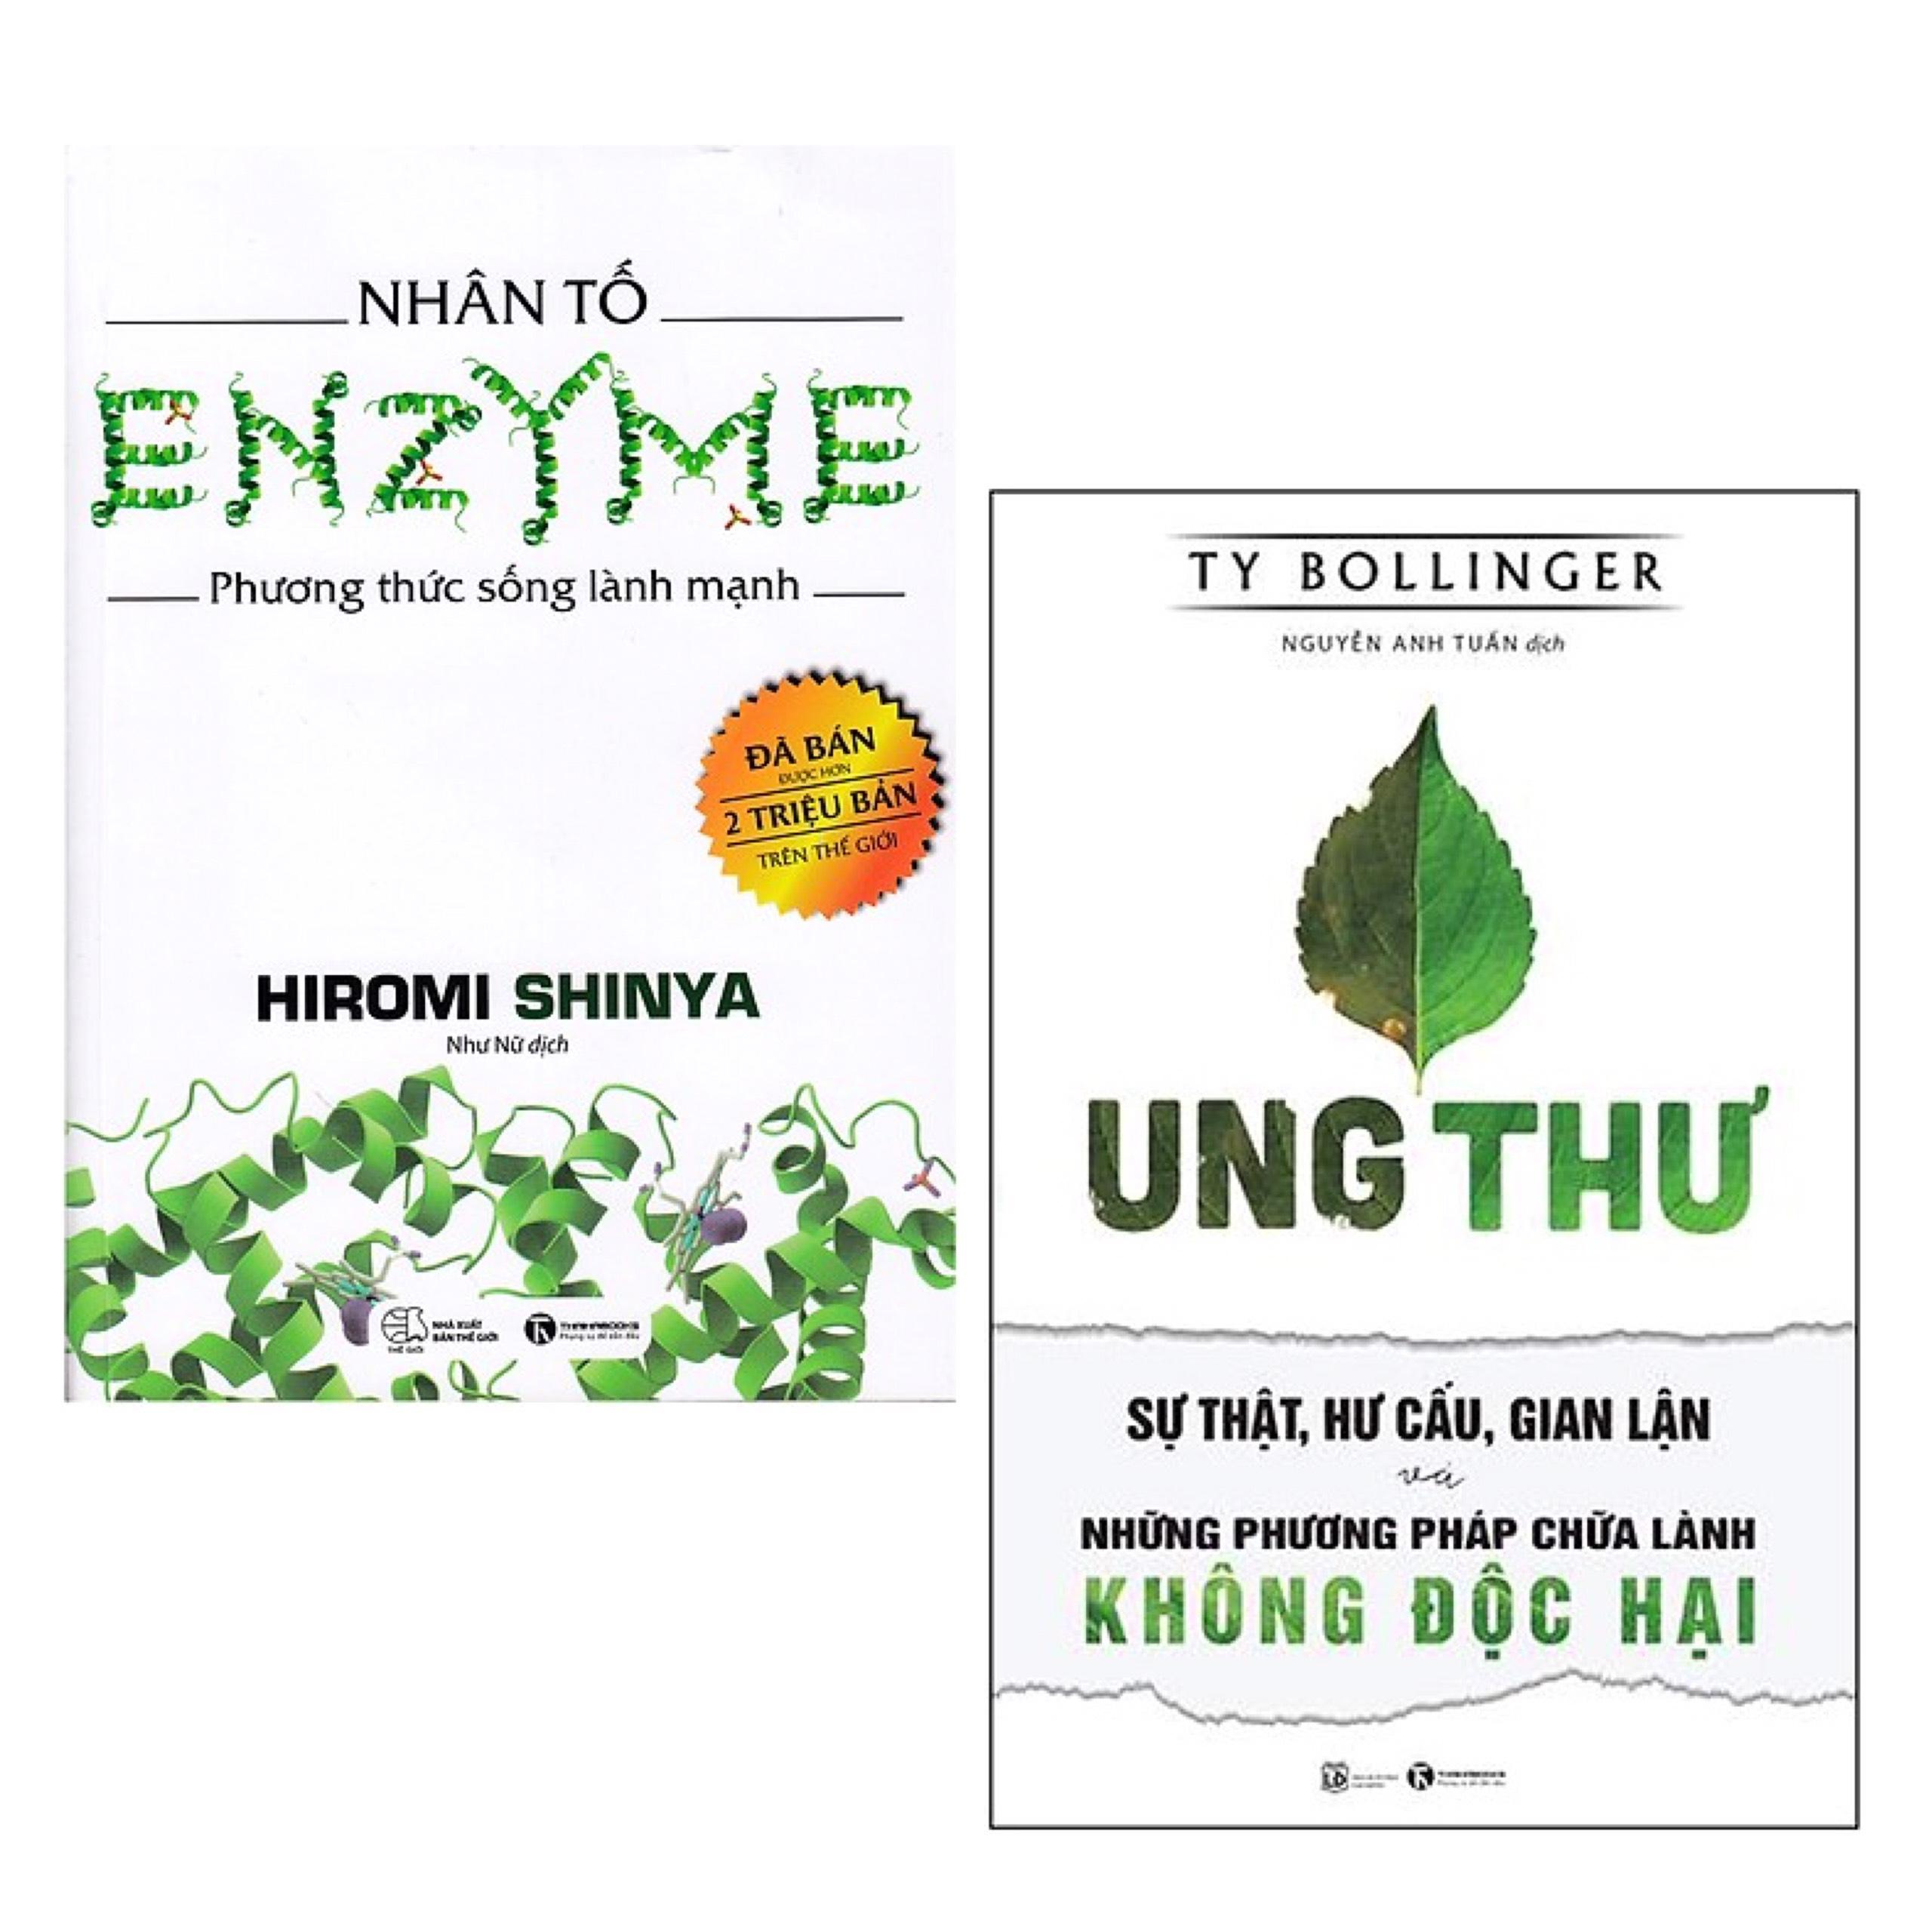 Combo Sách Y Học Không Thể Bỏ Qua: Nhân Tố Enzyme - Phương Thức Sống Lành Mạnh + Ung Thư - Sự Thật, Hư Cấu, Gian Lận Và Những Phương Pháp Chữa Lành Không Độc Hại ( Tặng Kèm Bookmark Green Life)